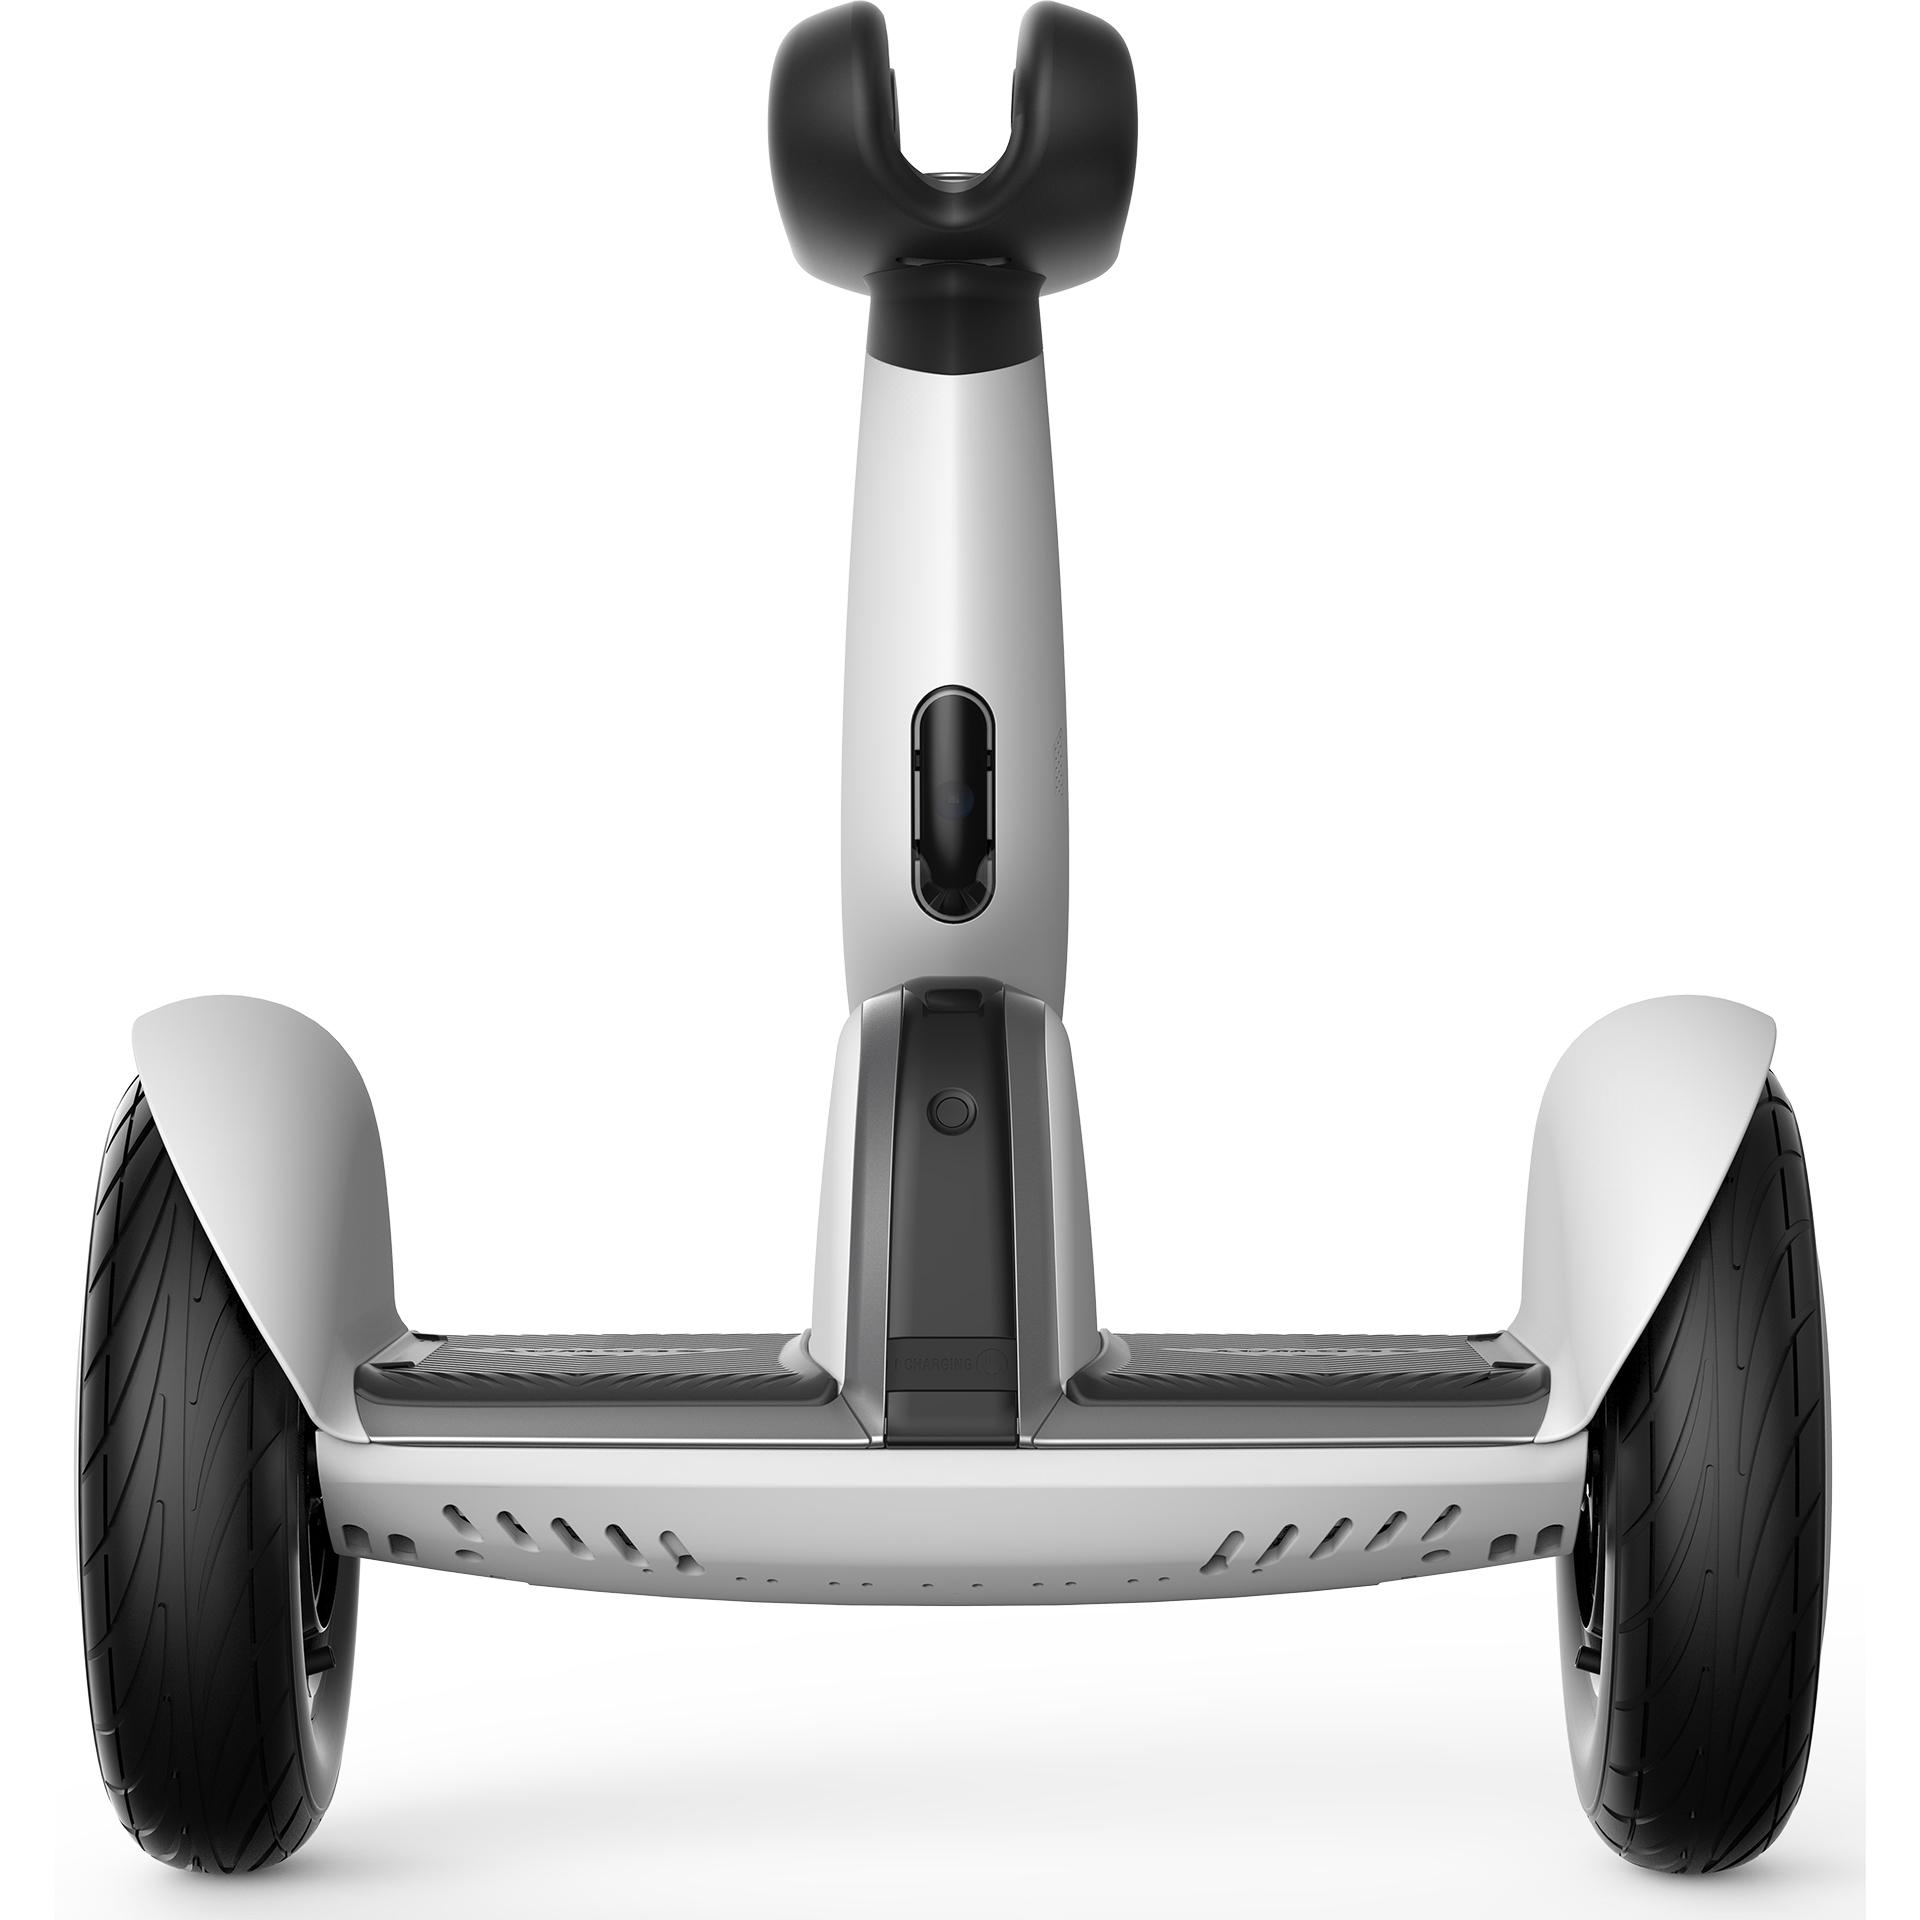 tasakaaluliikur Segway Ninebot MiniPLUS